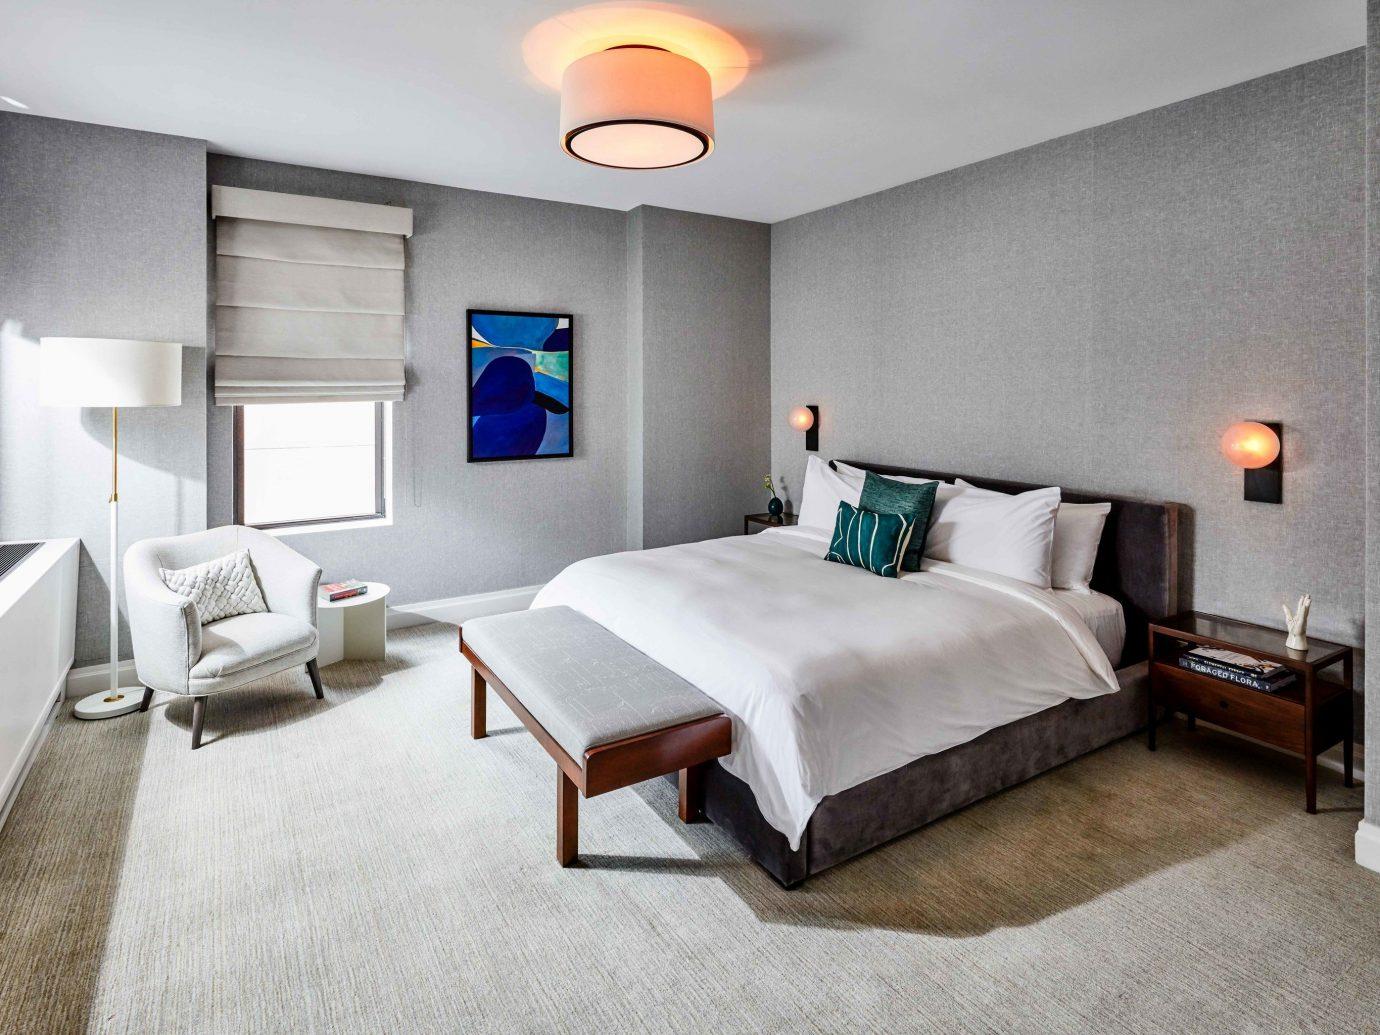 indoor floor wall bed room Bedroom ceiling interior design Suite Architecture bed frame real estate hotel home estate interior designer furniture